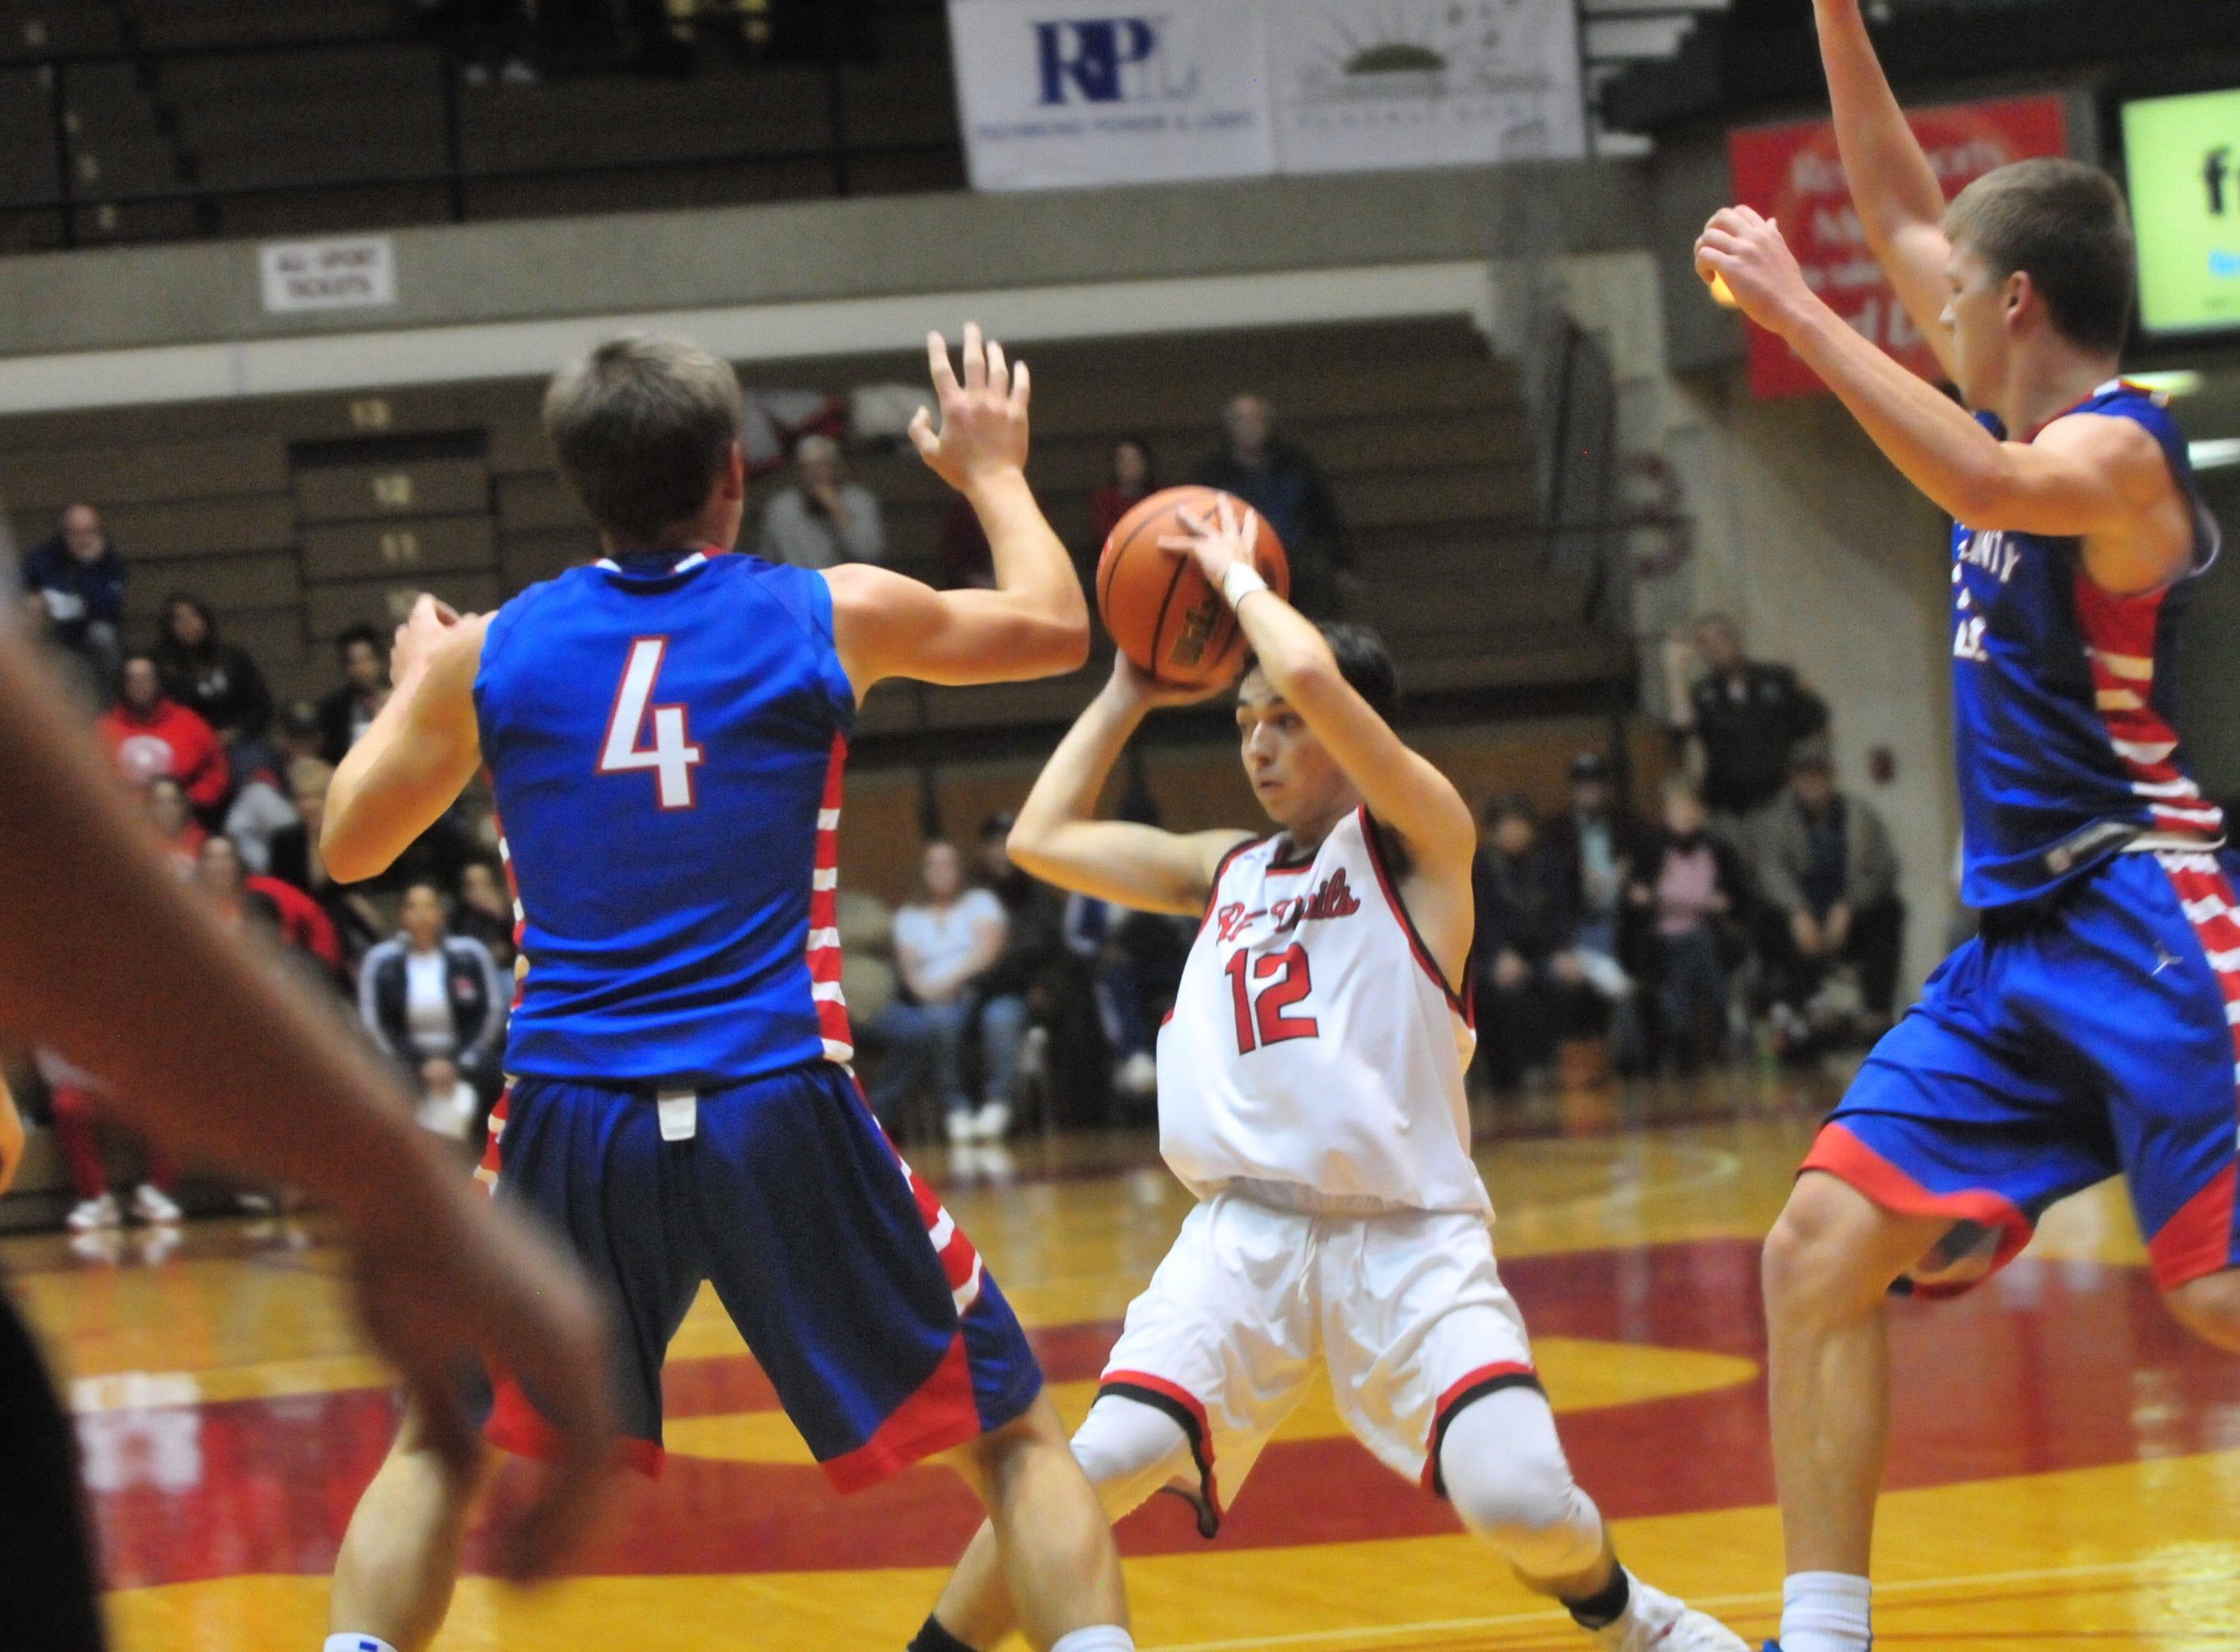 Richmond High School senior Jalen Hillard (12) makes a pass during a boys basketball game against Jay County Saturday, Nov. 24, 2018 at Richmond High School's Tiernan Center.